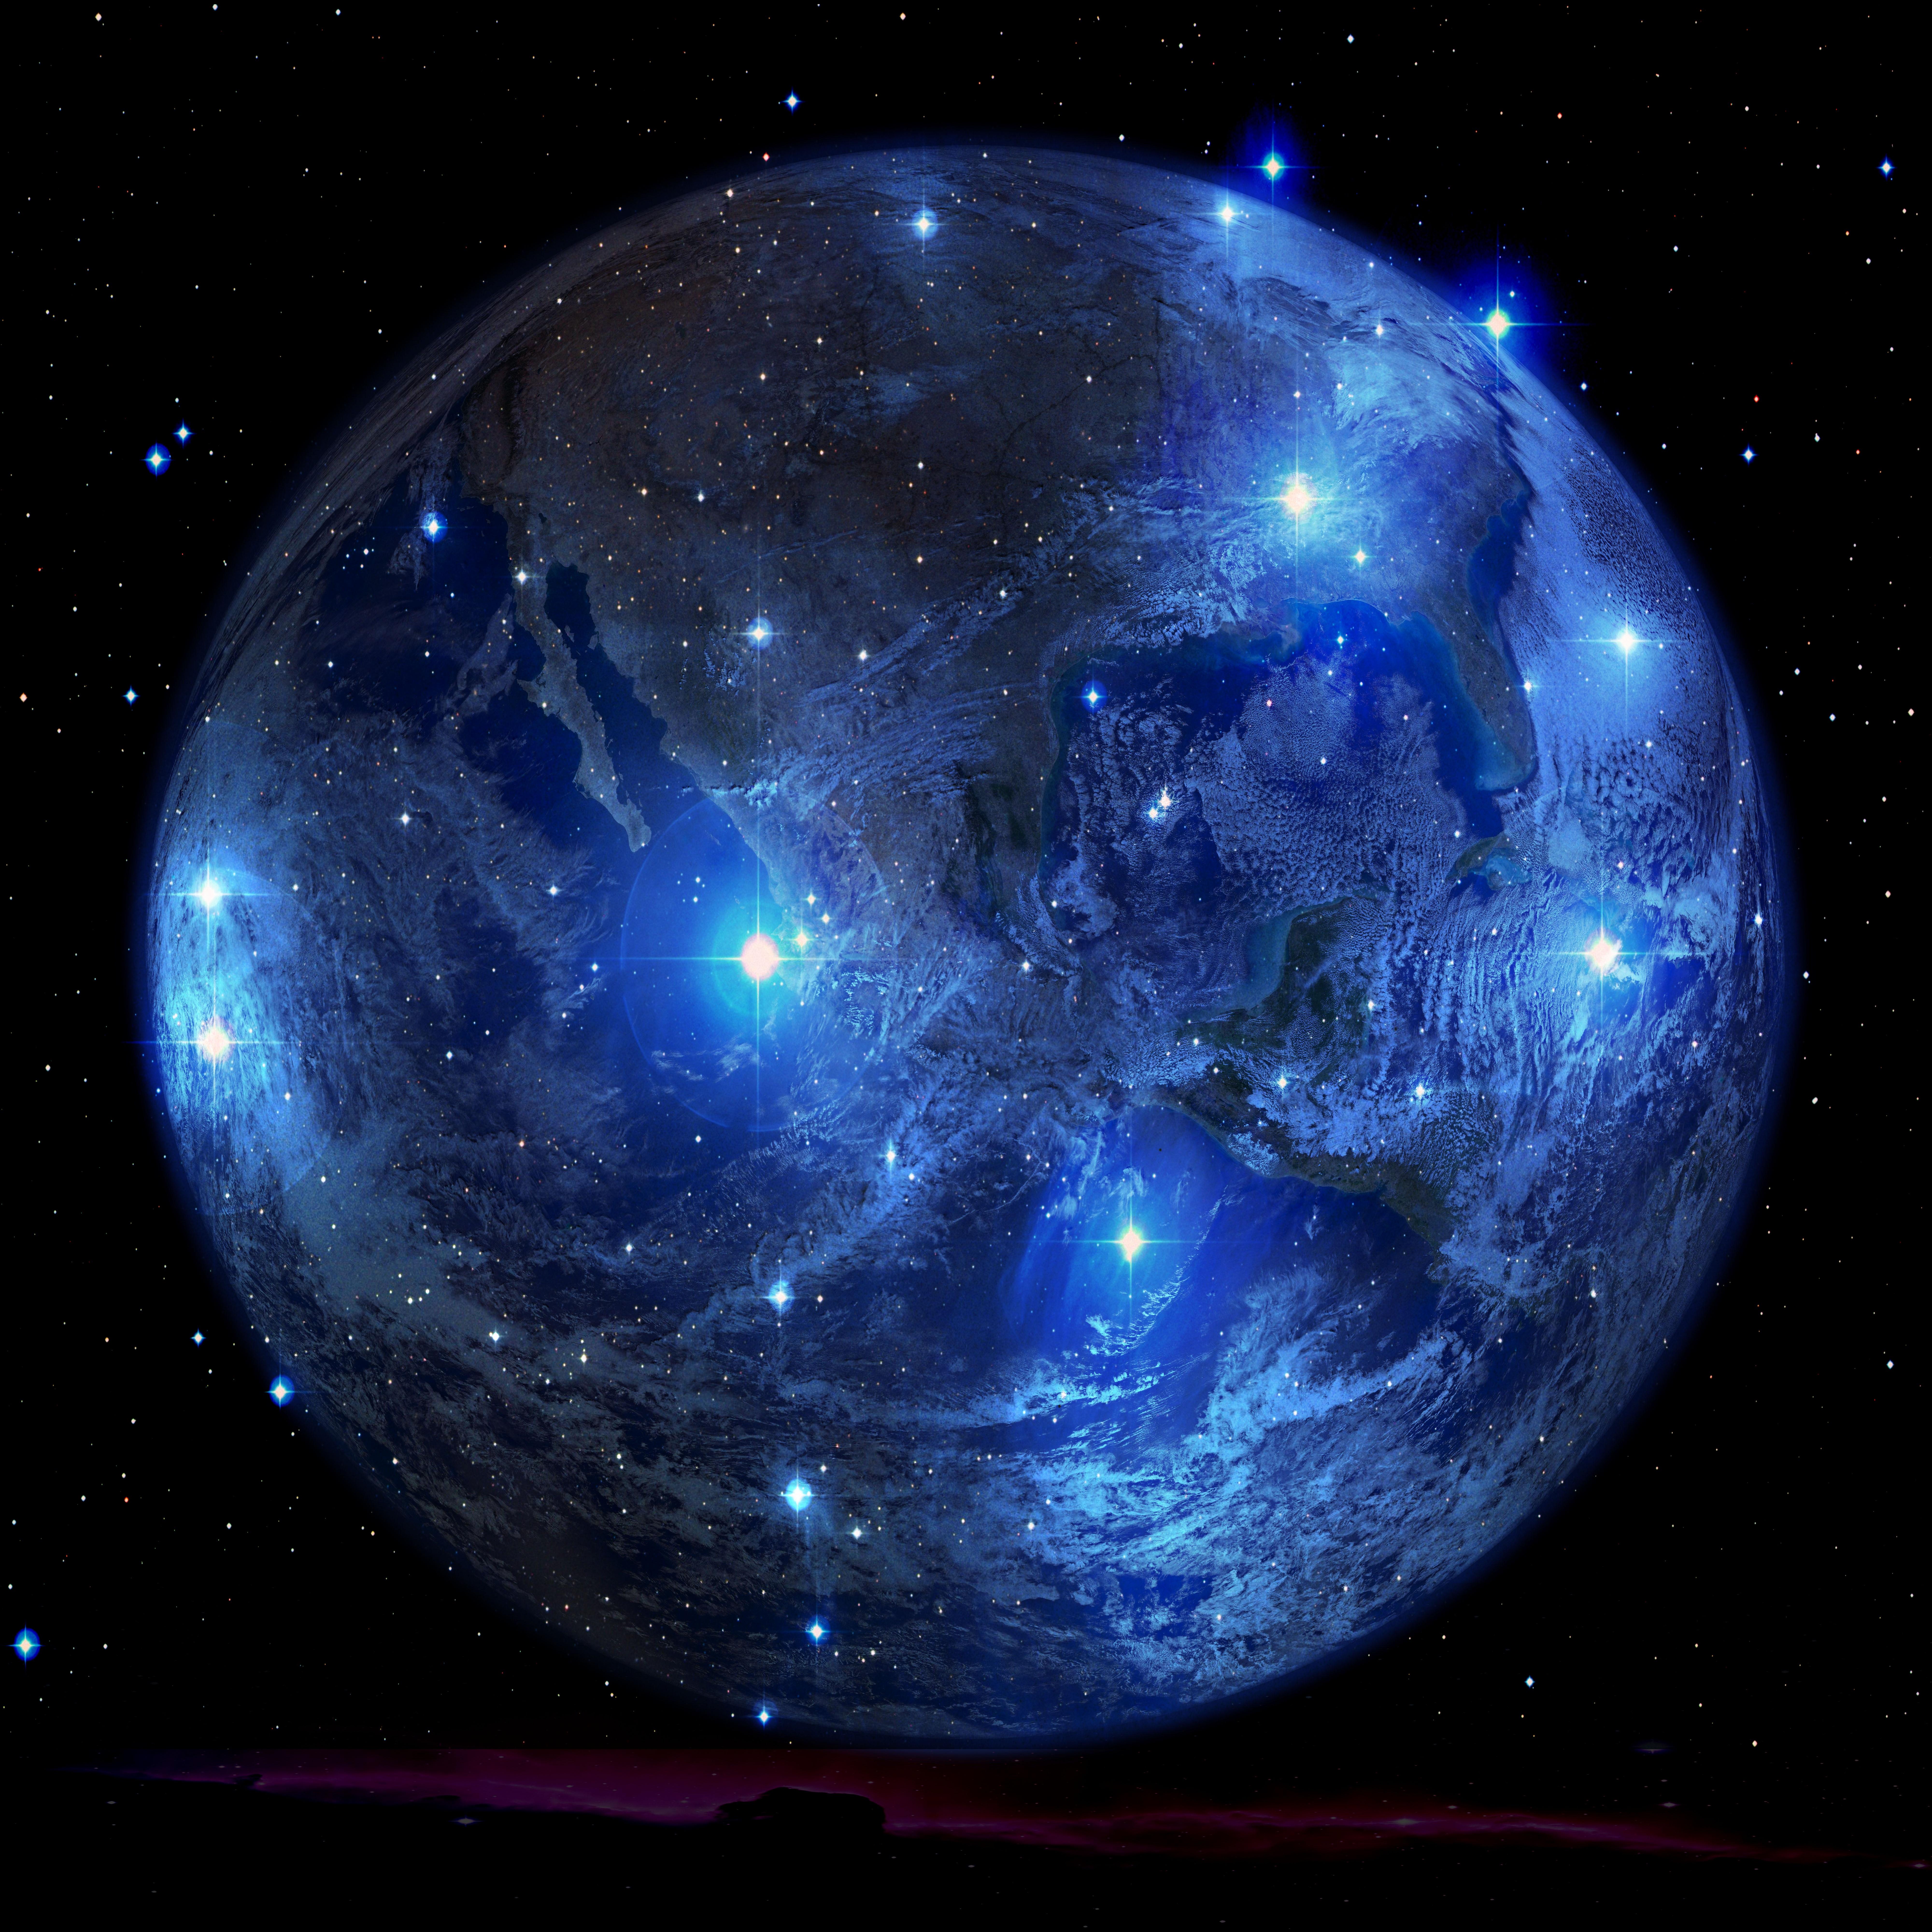 97032 Заставки и Обои Космос на телефон. Скачать Космос, Вселенная, Звезды, Земля, Пространство, Планета, Астрономия картинки бесплатно